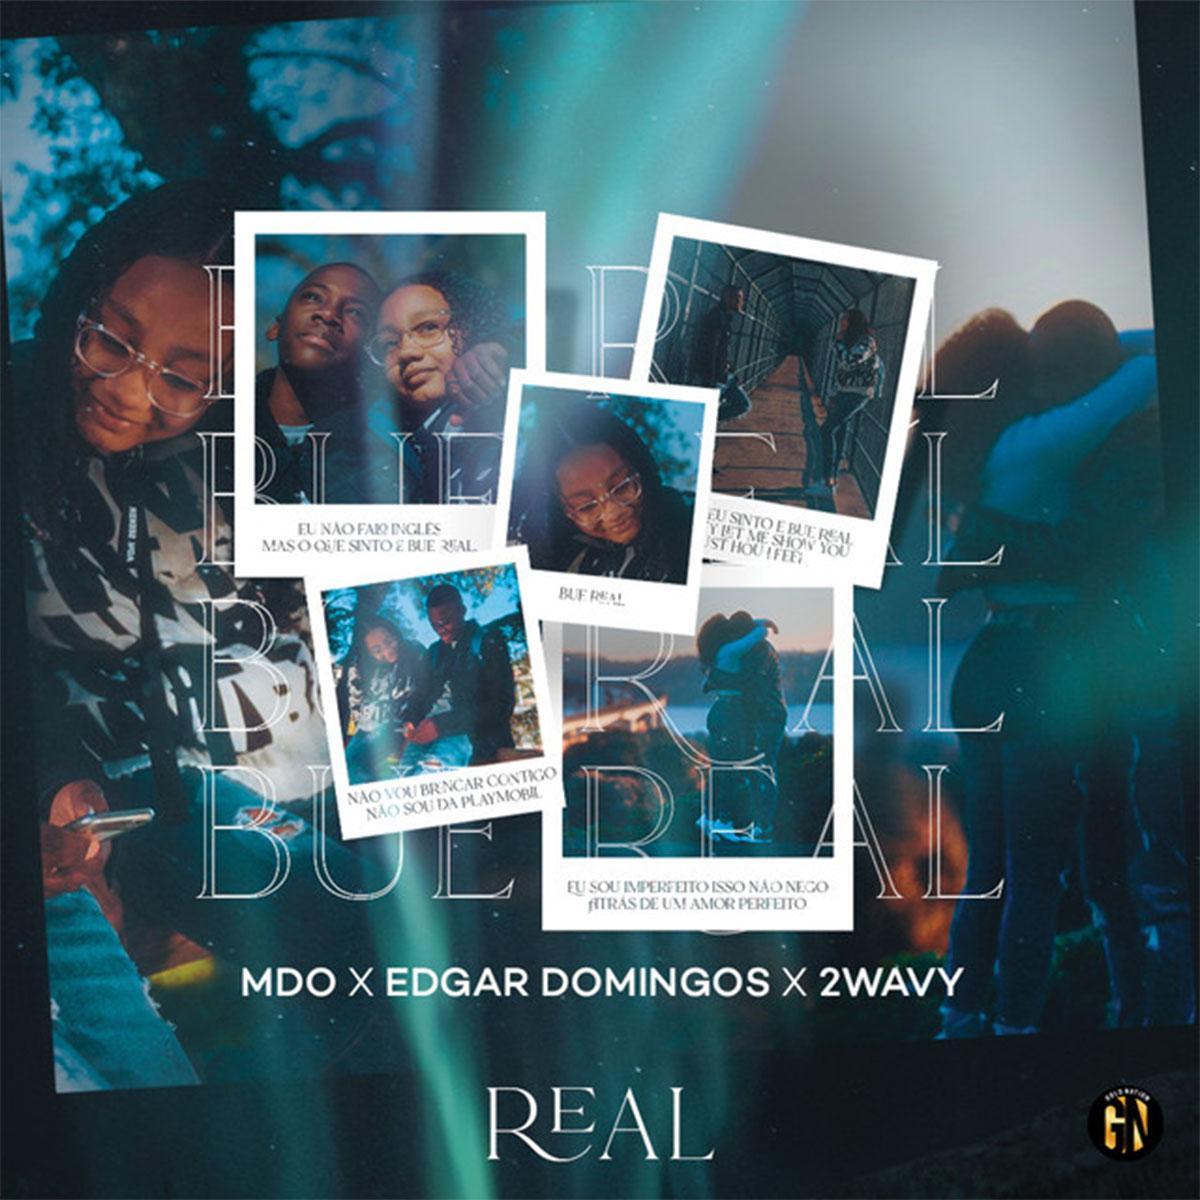 MDO (Menino de Ouro) x Edgar Domingos x 2Wavy – Real